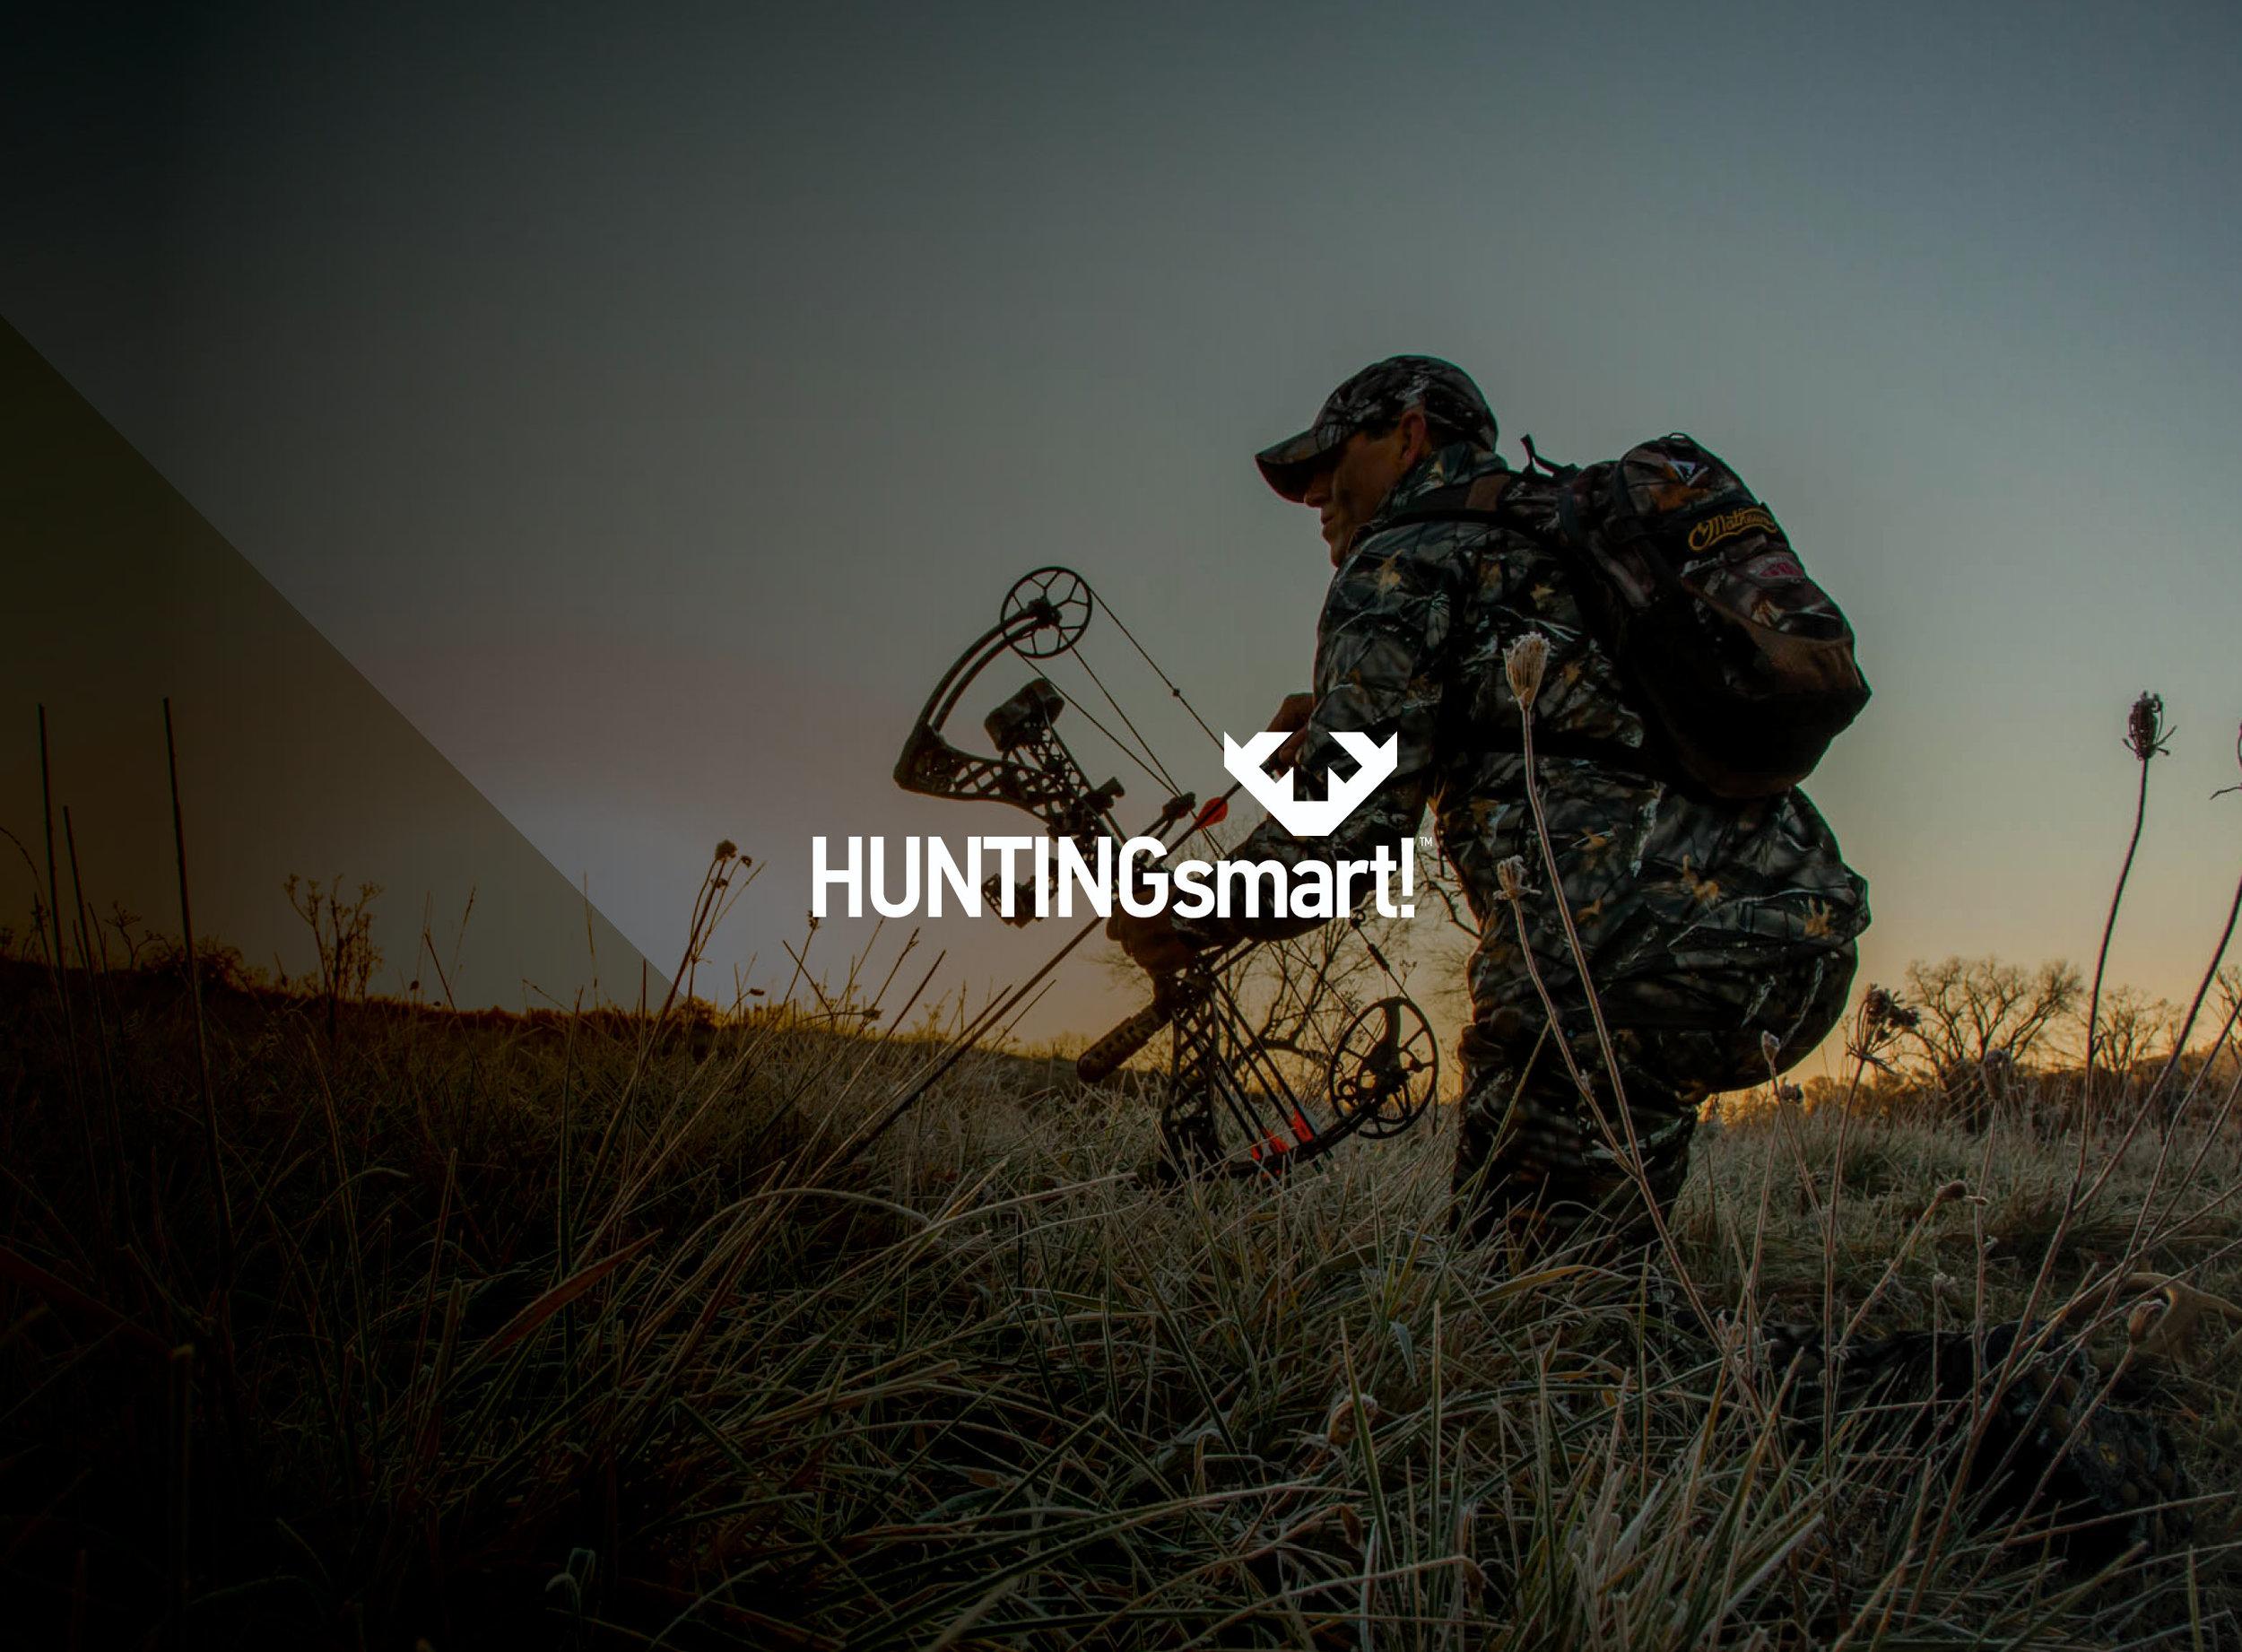 HUNTINGsmart_2.jpg